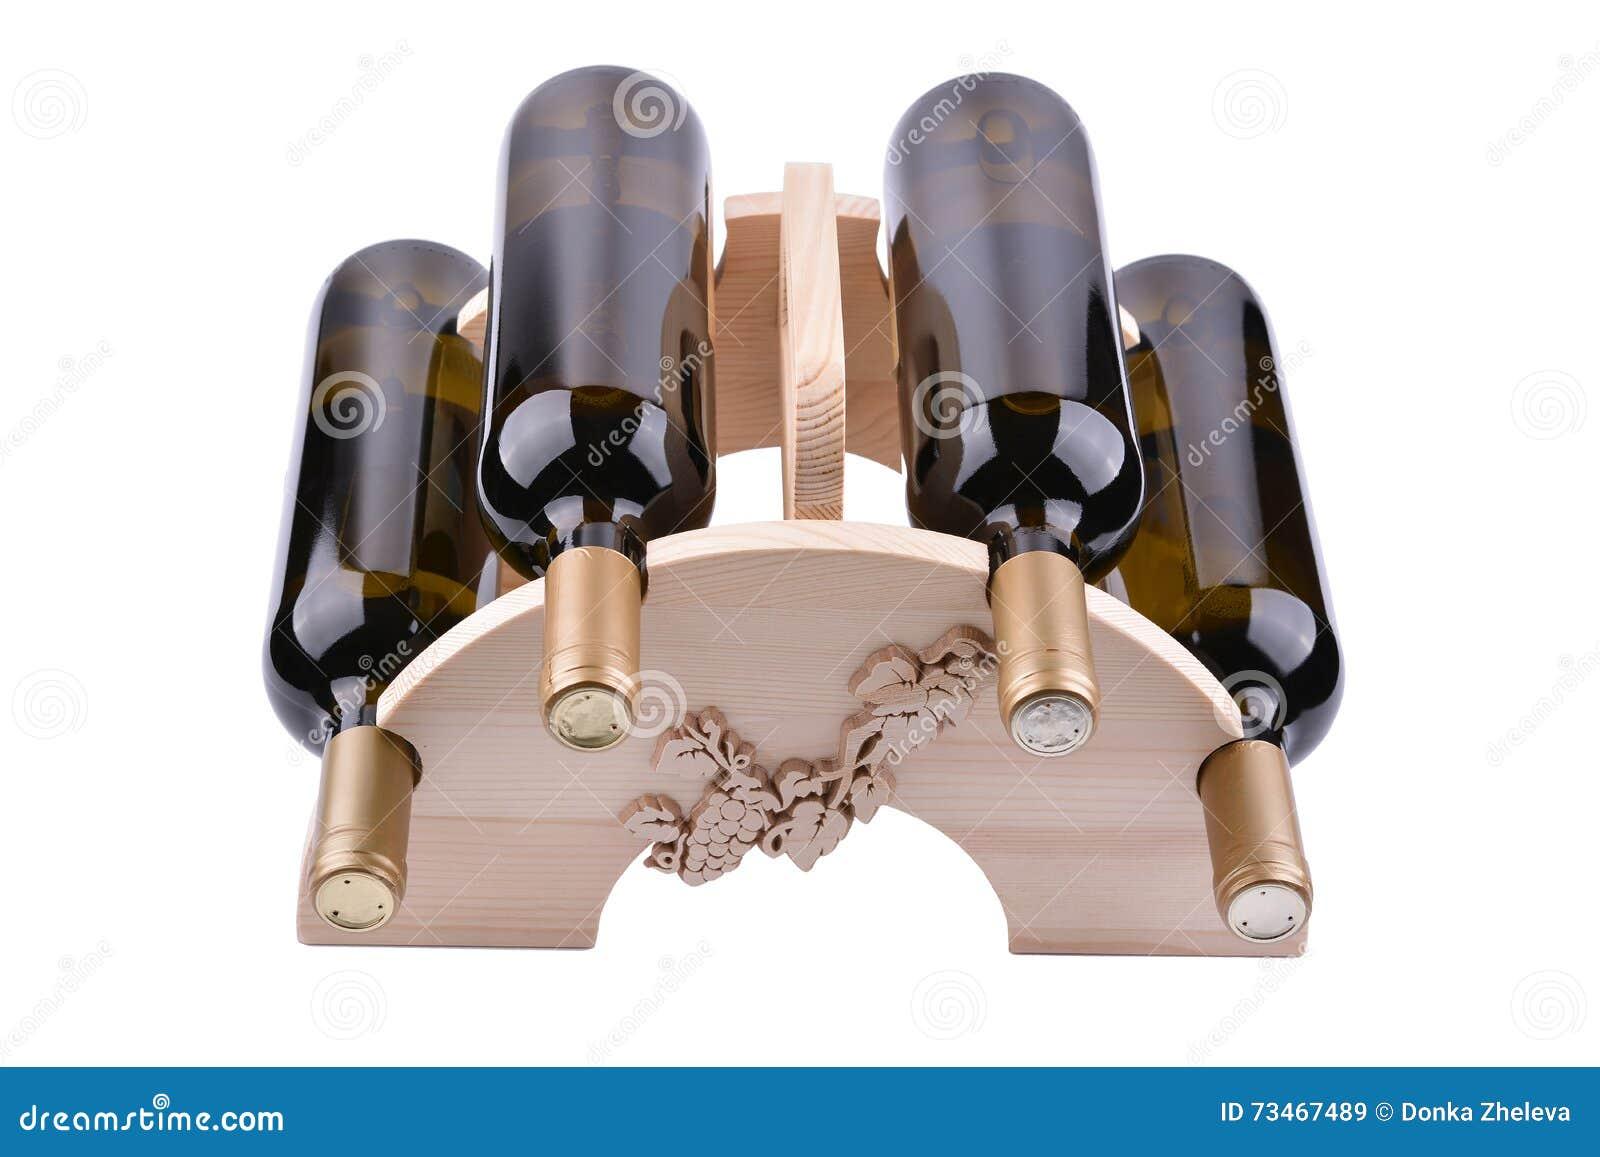 Houten Wijnrek Wit.Houten Die Wijnrek Op Wit Wordt Geisoleerd Stock Afbeelding